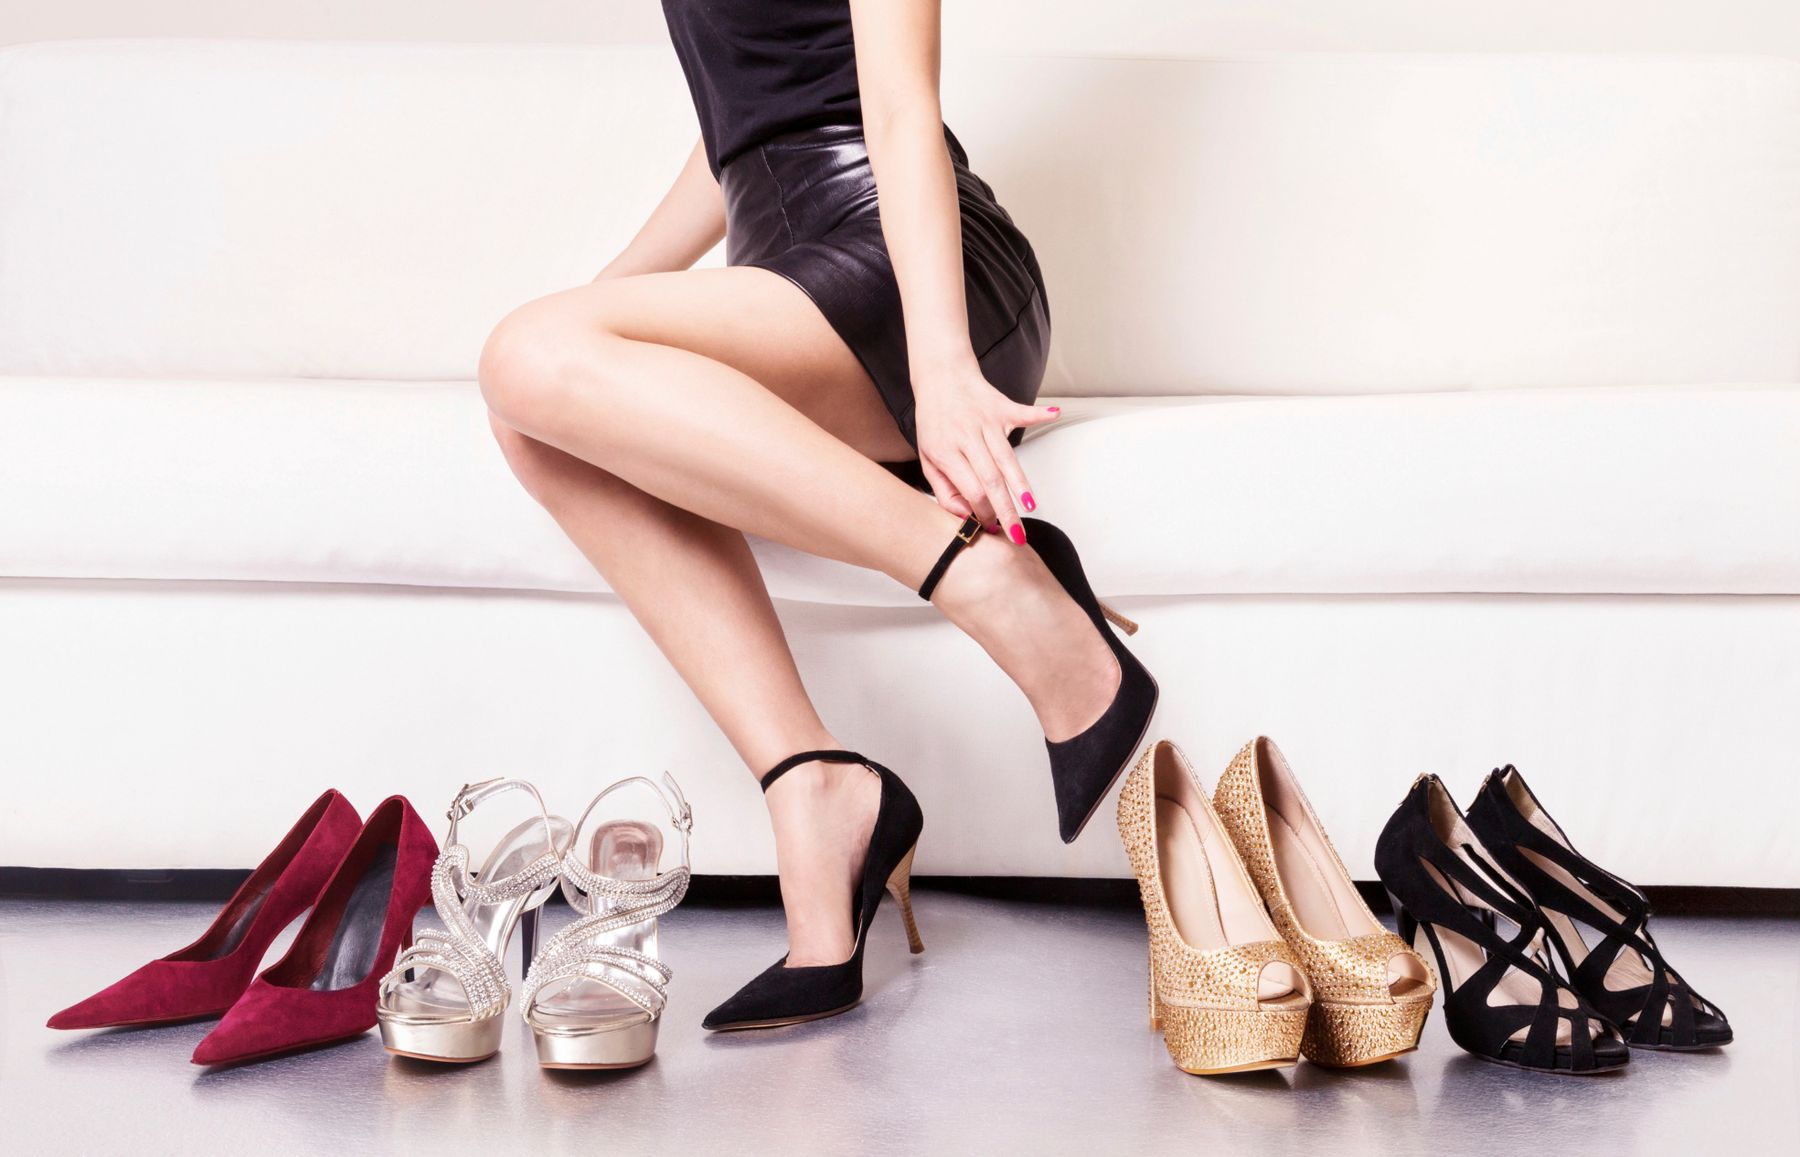 """Phối đồ cho người lùn bằng những đôi giày cao gót màu da """"thần thánh"""""""